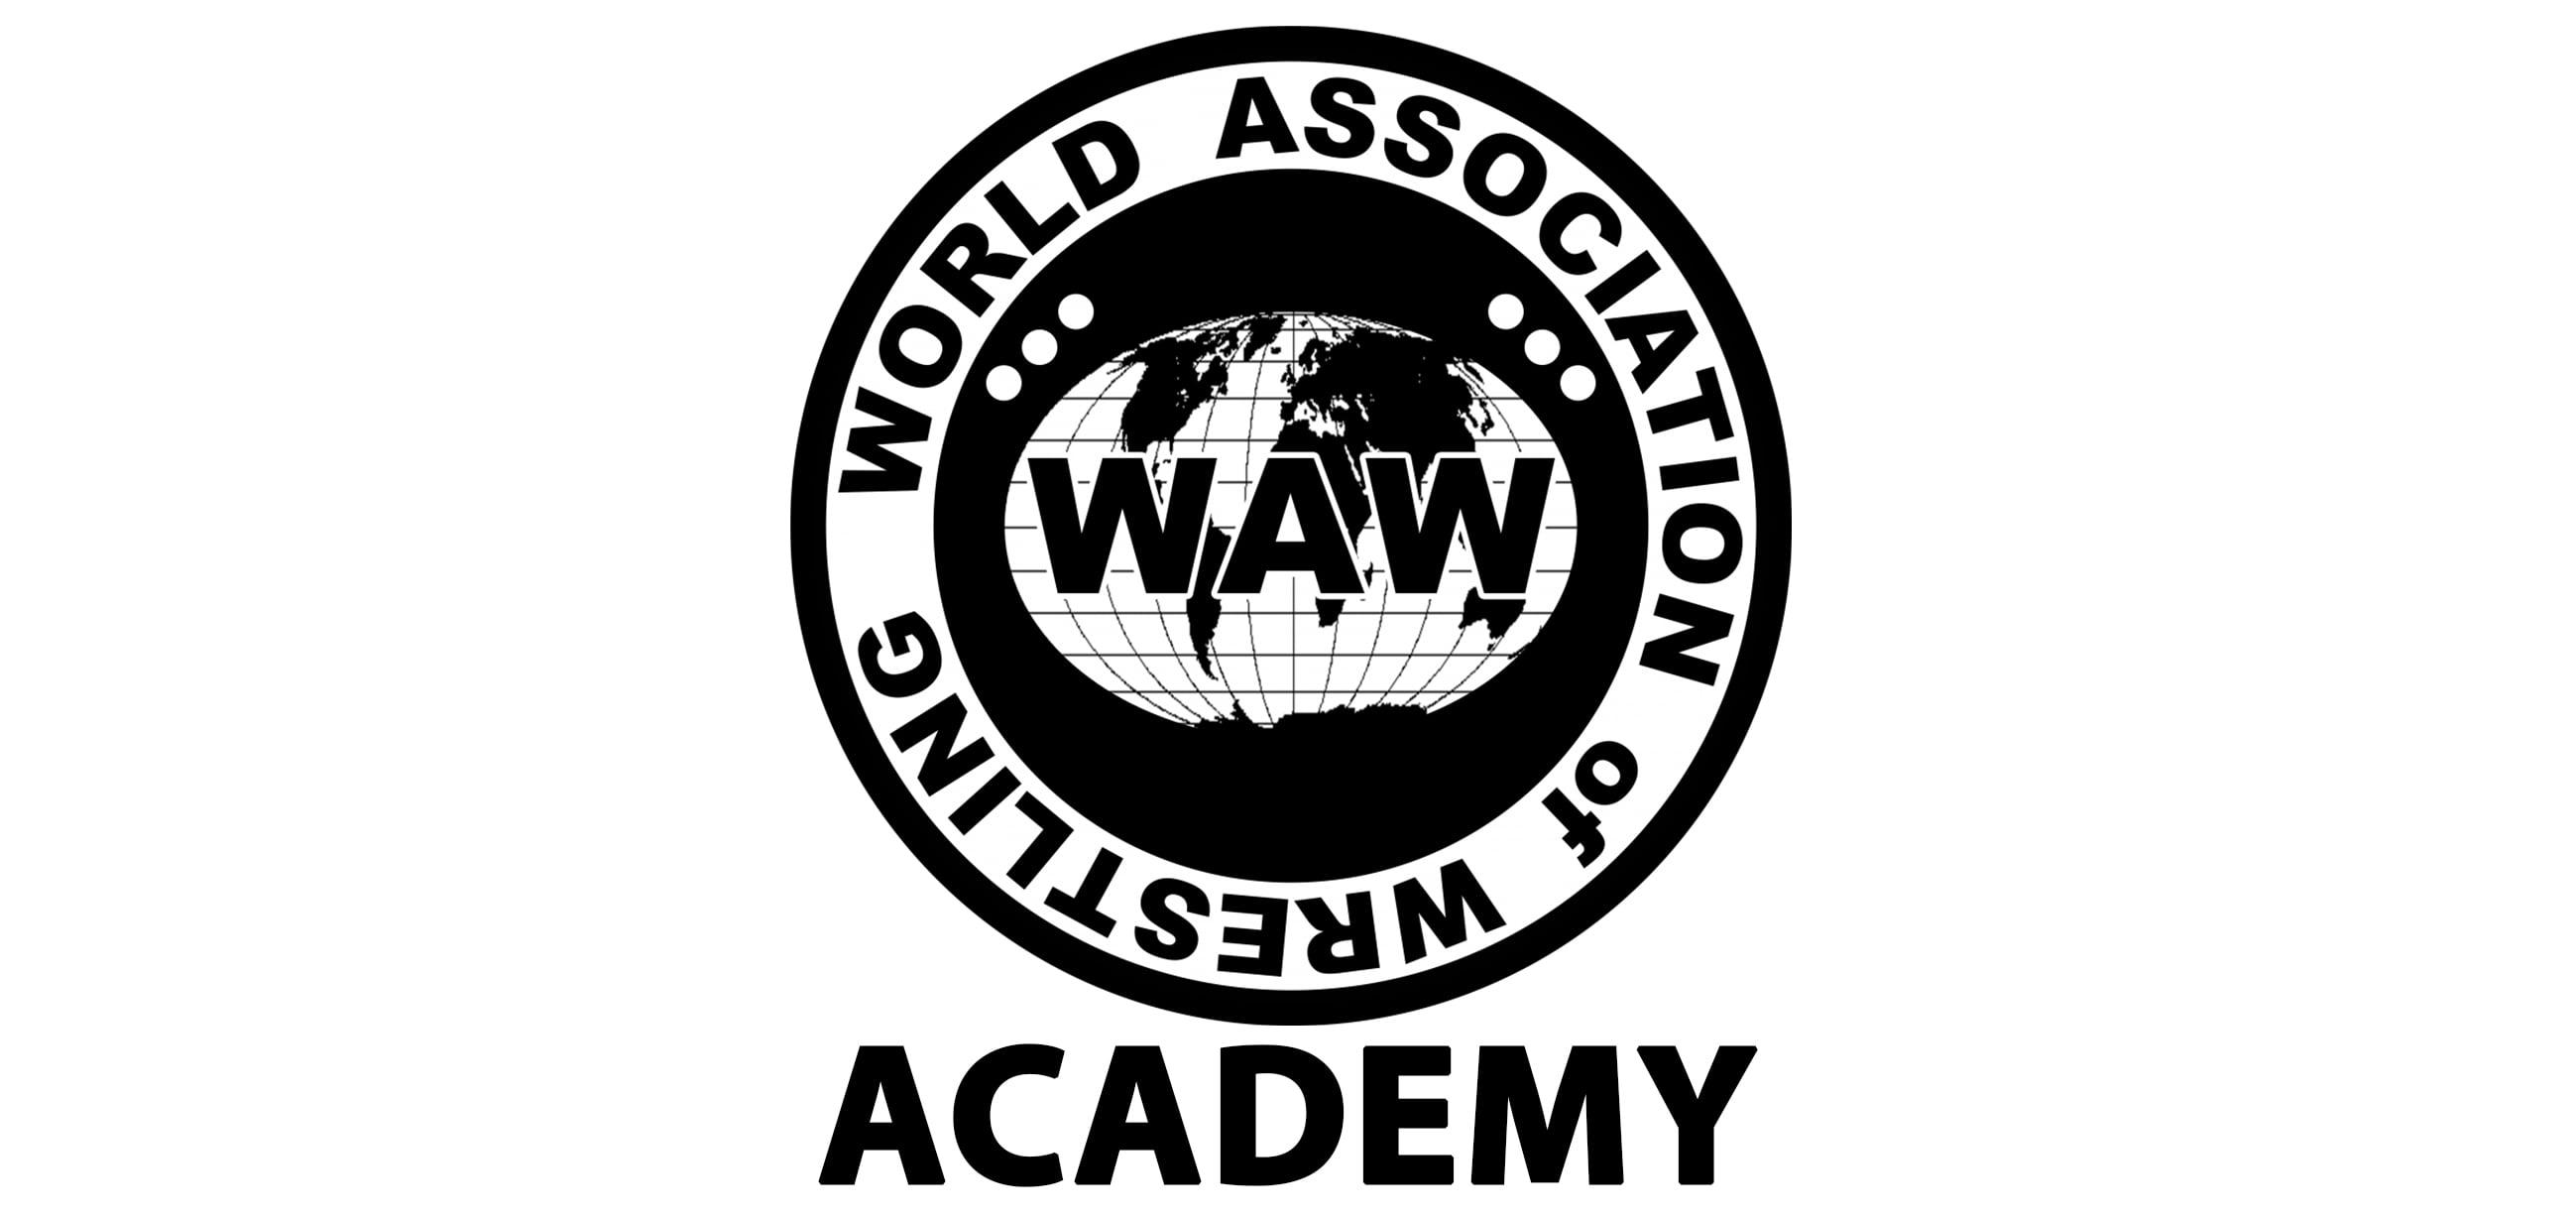 WAW Academy News